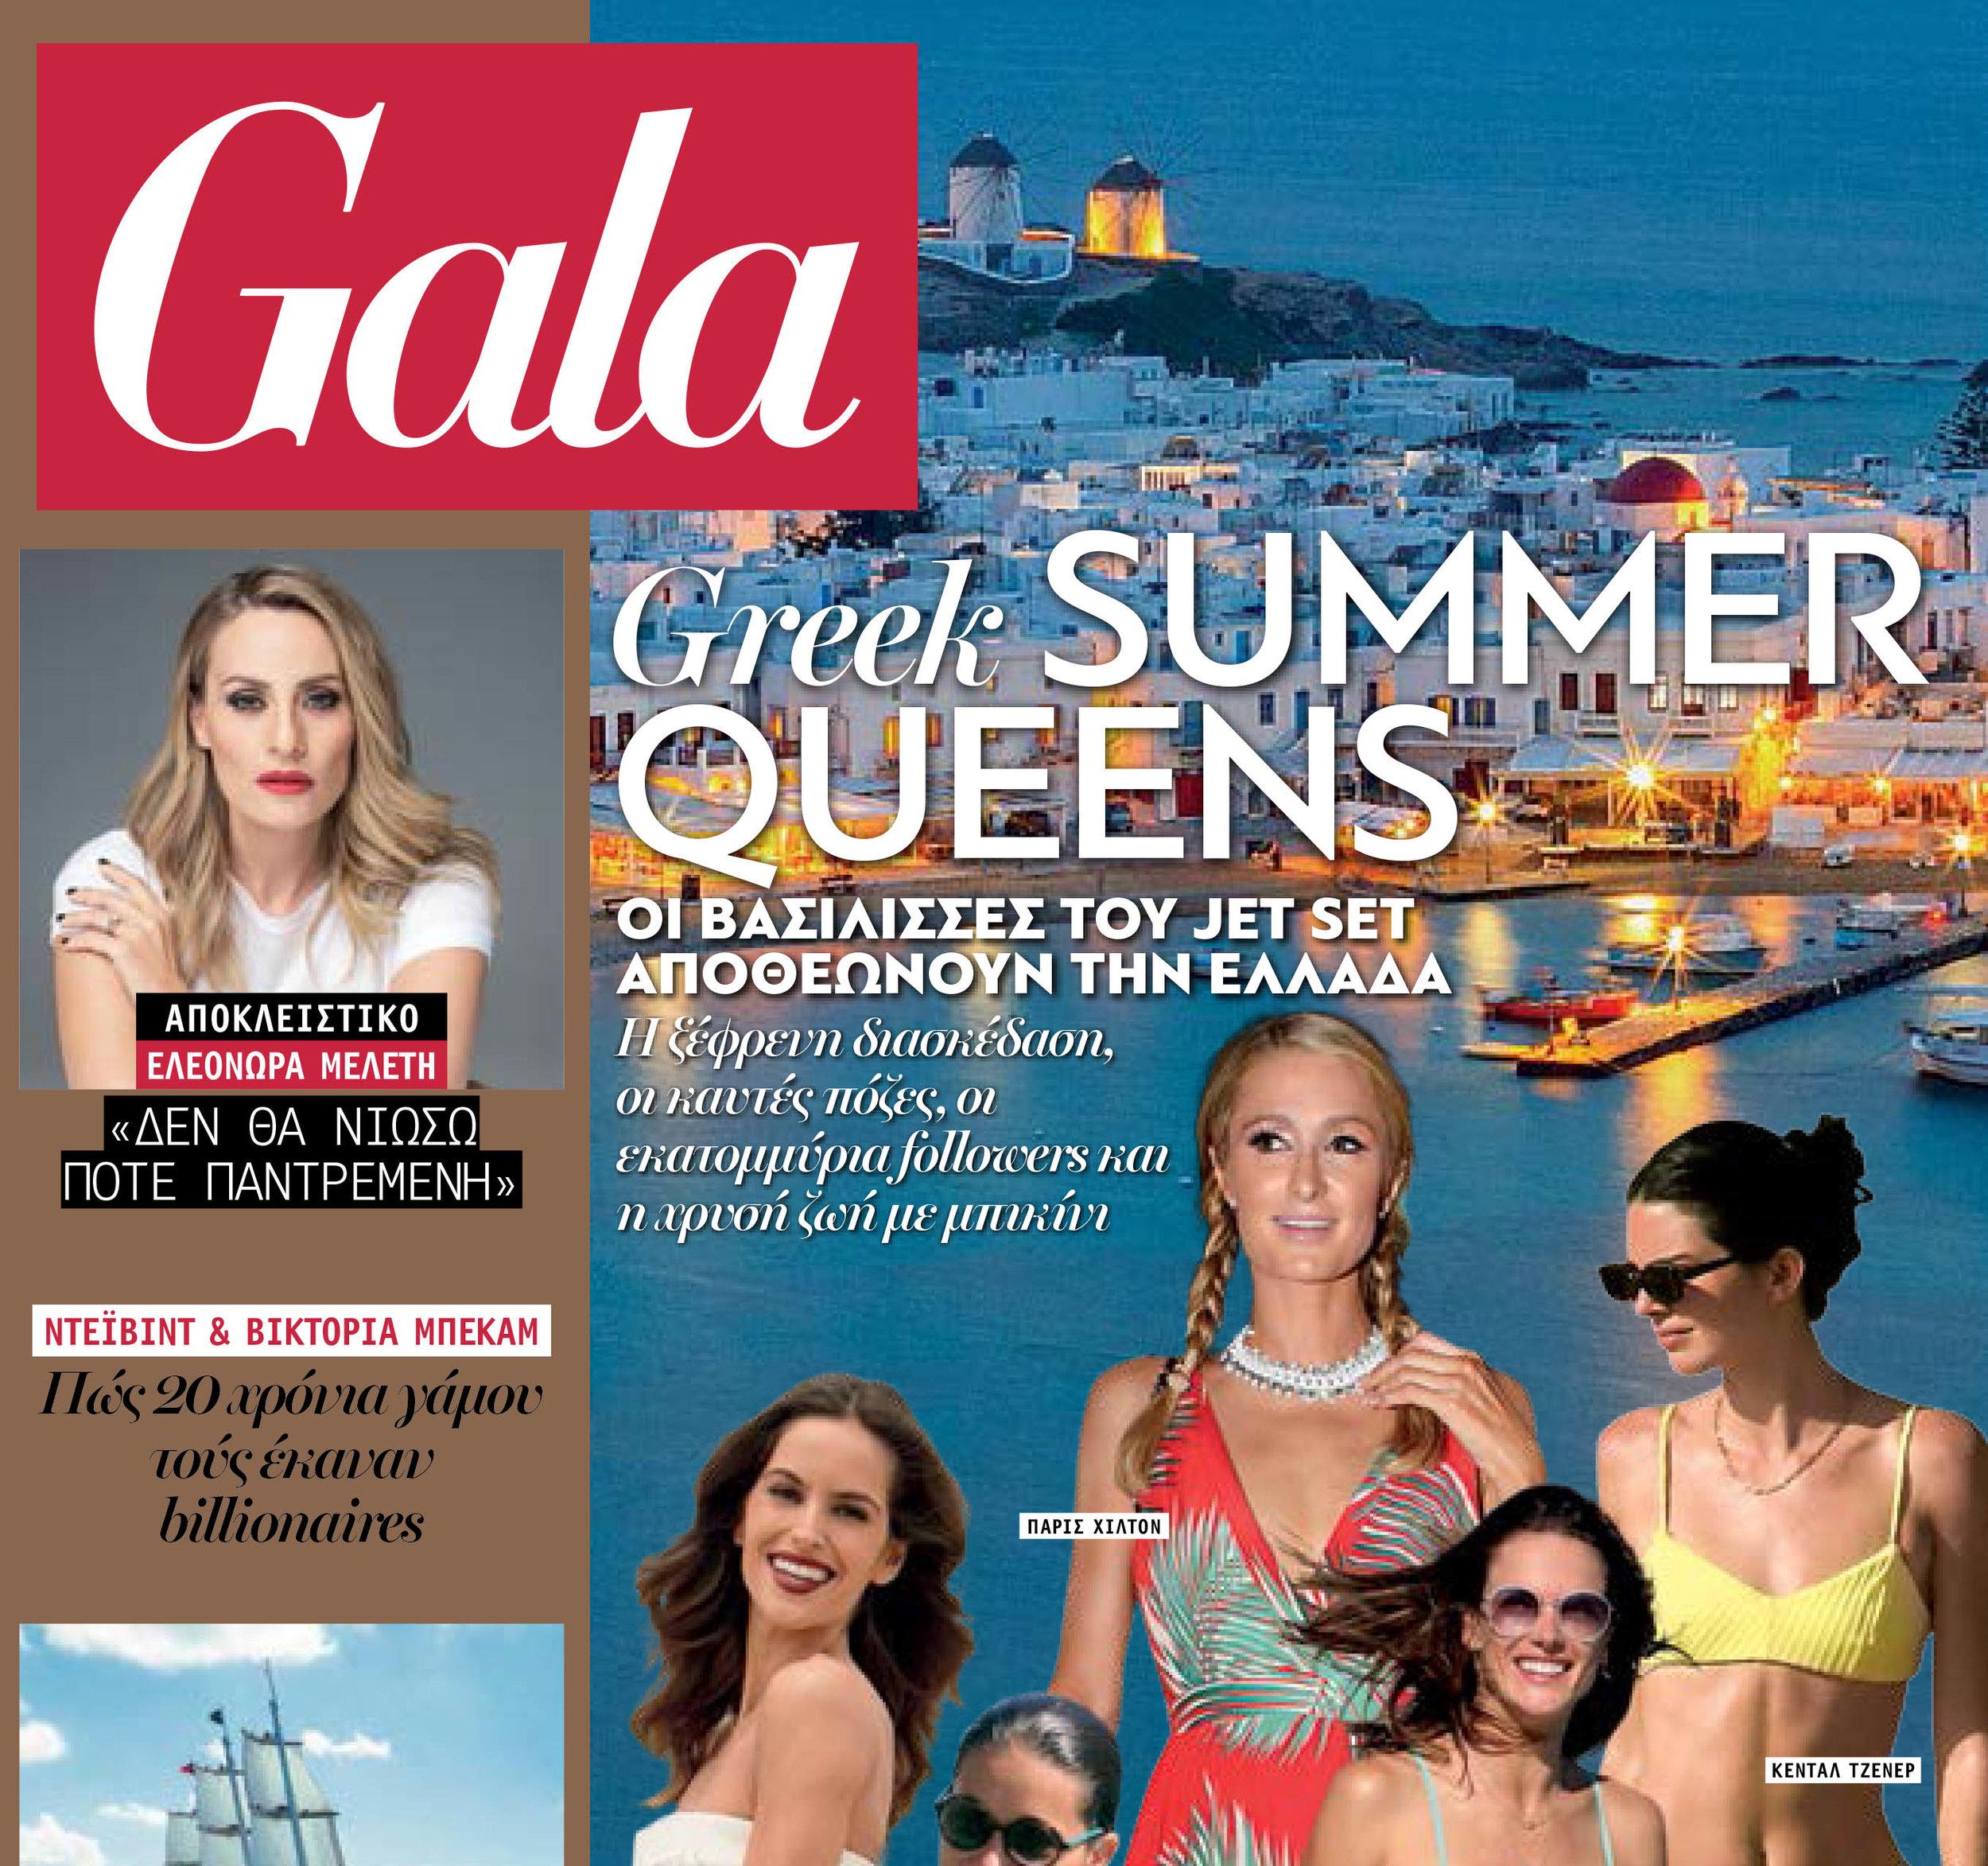 Gala Magazine July 2019